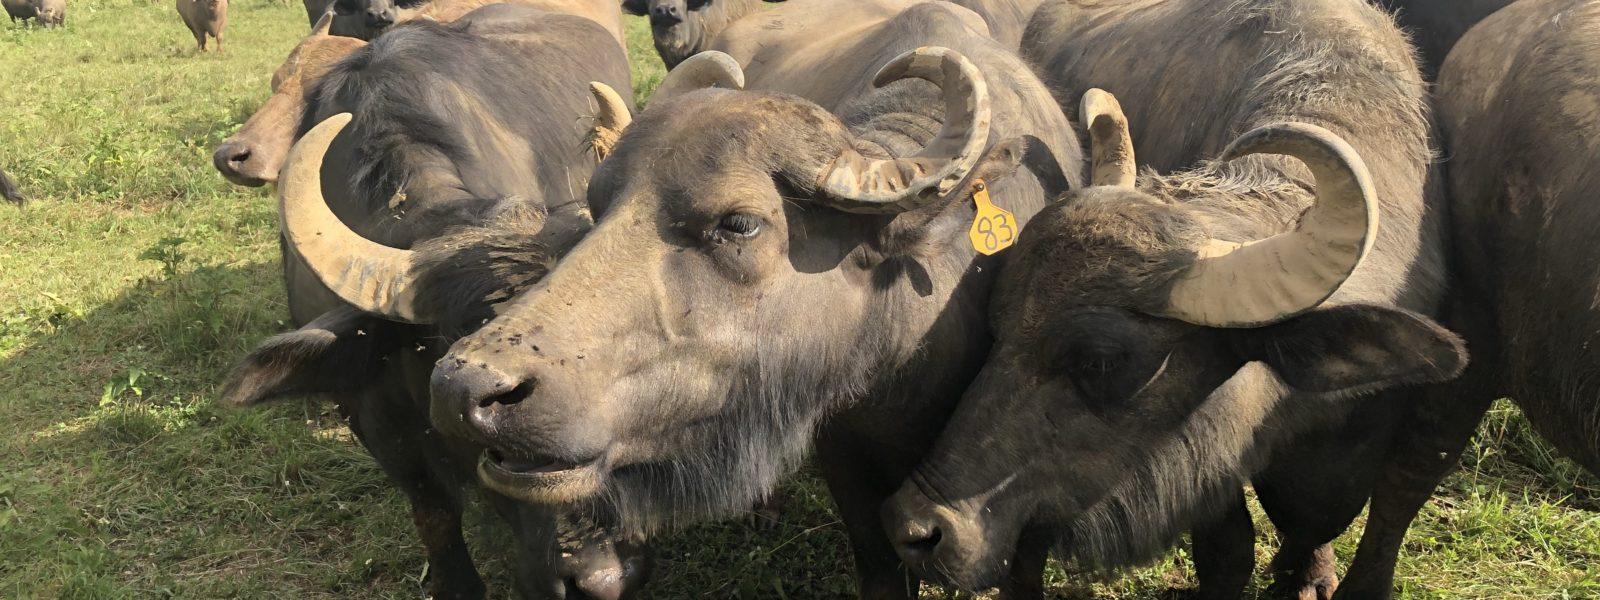 Water buffalo group in a field.